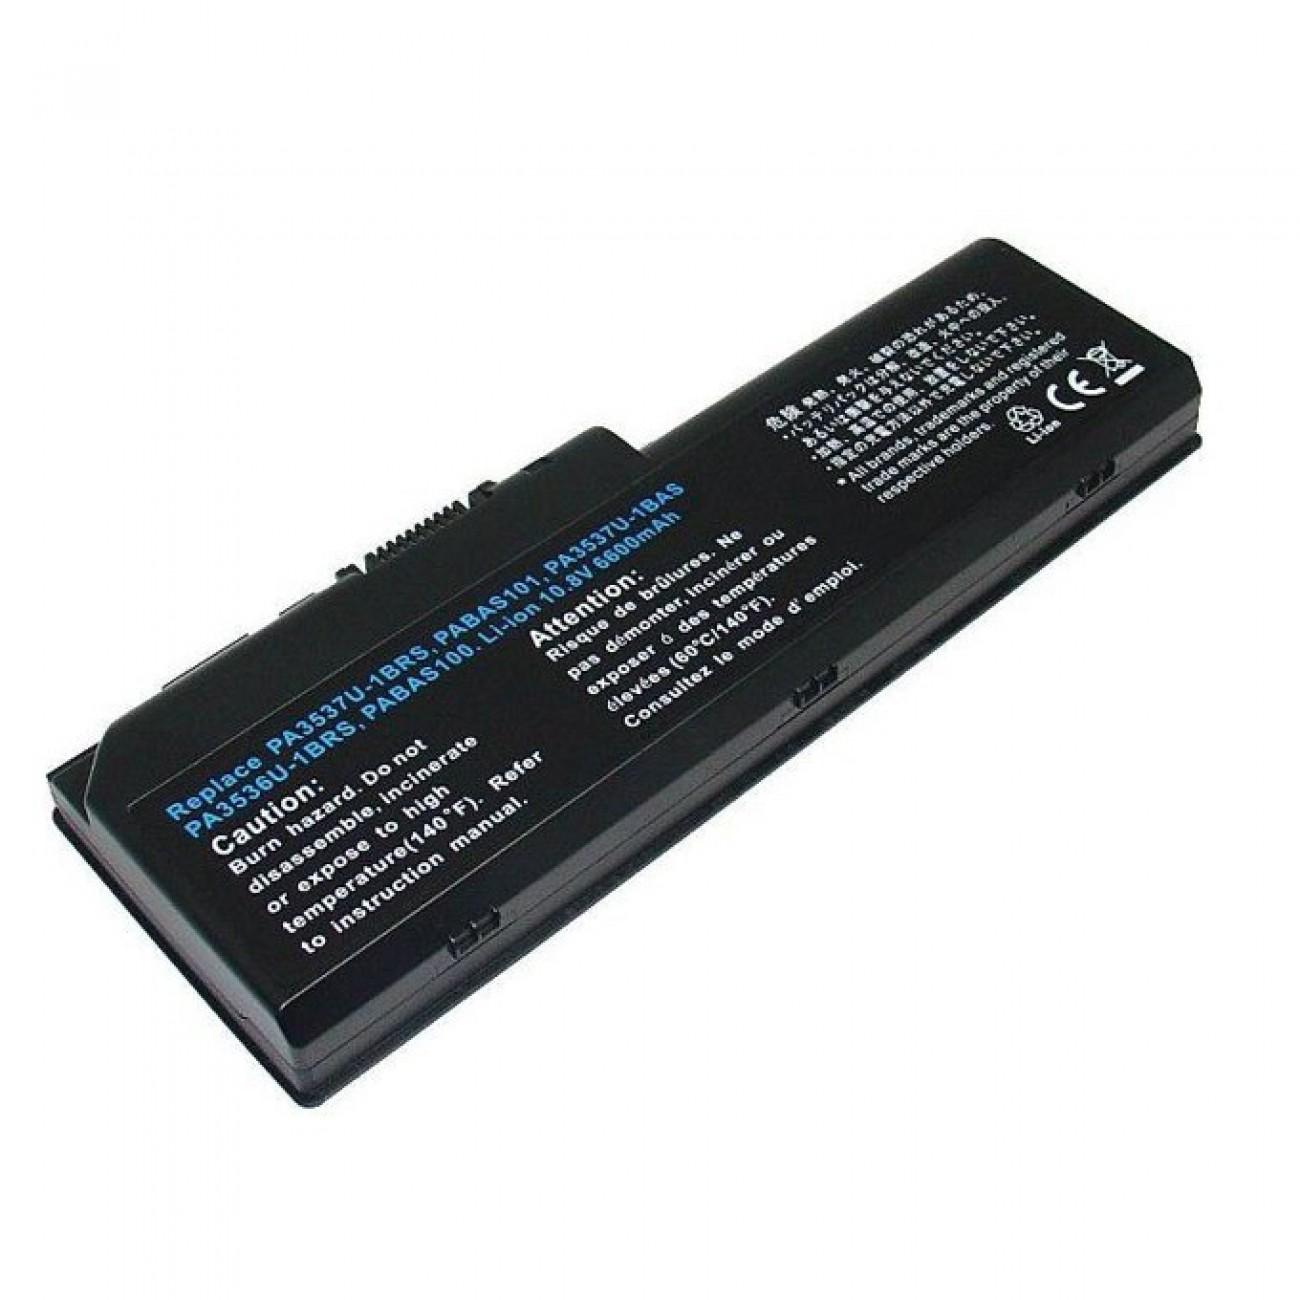 Батерия (заместител) за Toshiba Satellite, съвместима с L350/L355/P200/P300/X200, 9cell, 10.8V, 6600mAh в Батерии за Лаптоп -  | Alleop